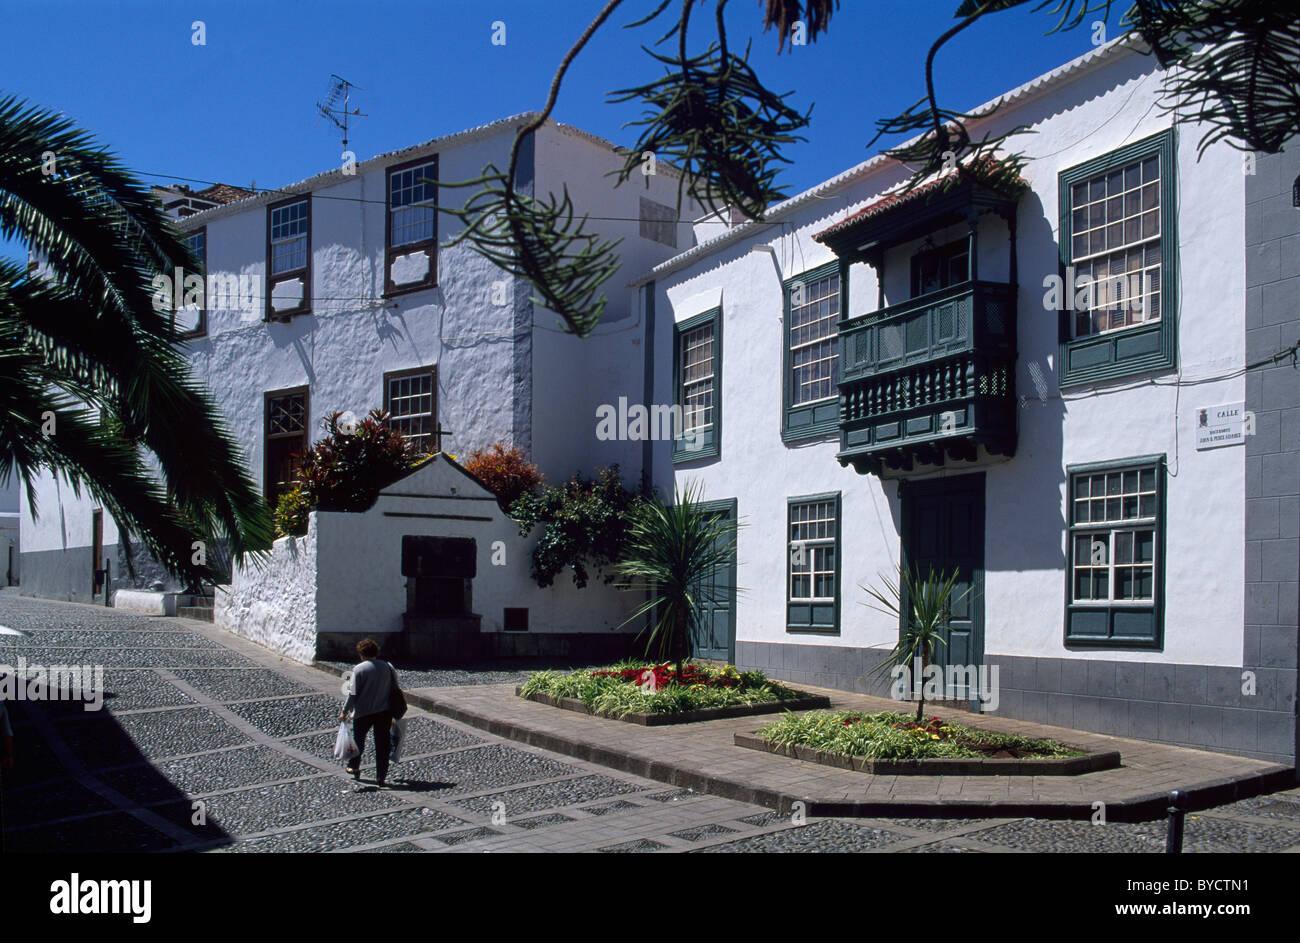 Haus im kanarischen Stil, Santa Cruz, La Alma, Kanarische Inseln, Spanien Stockbild